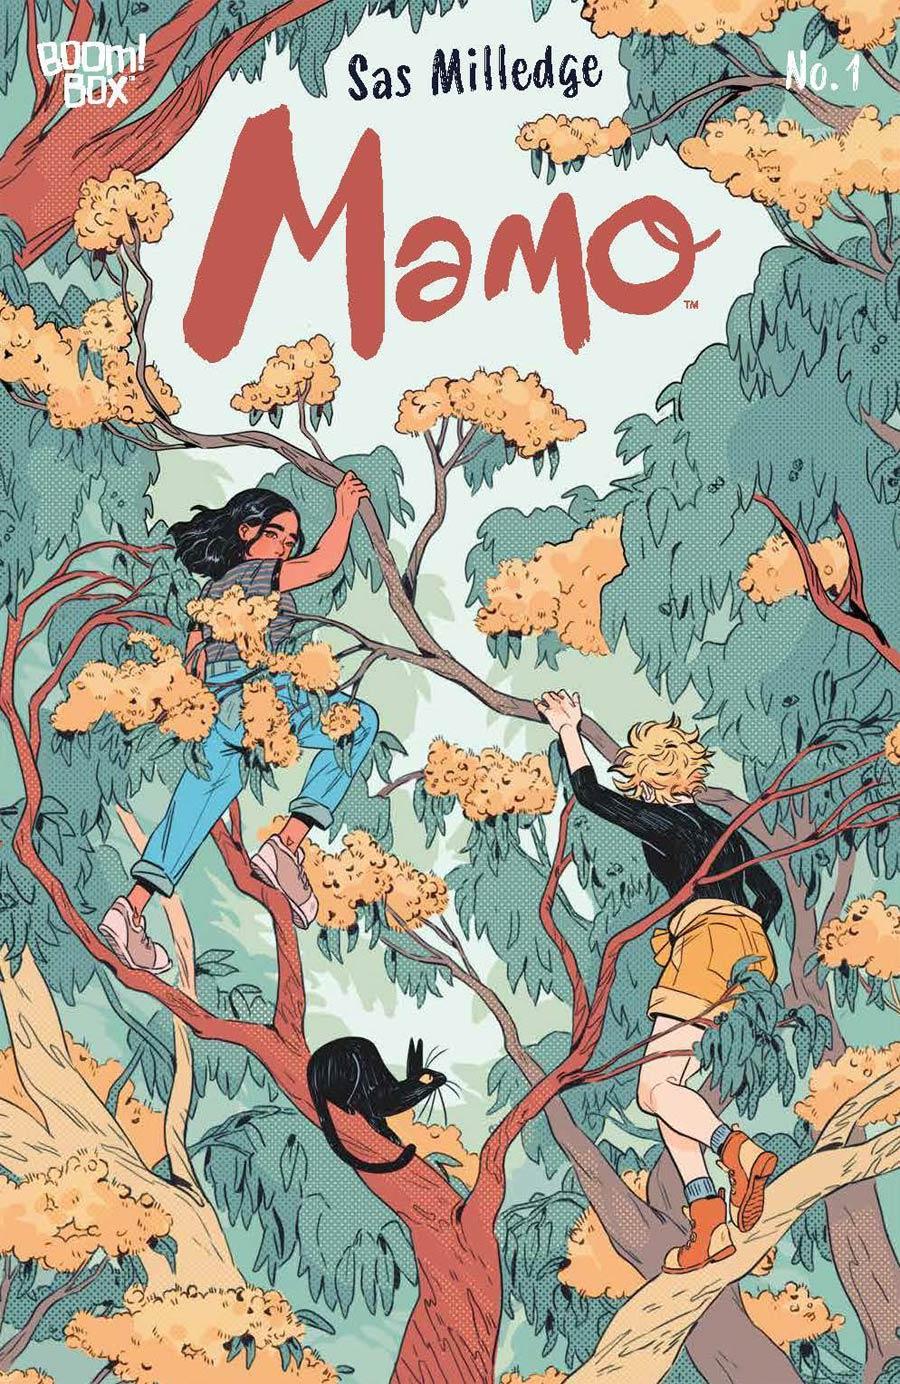 Mamo #1 Cover A Regular Sas Milledge Cover